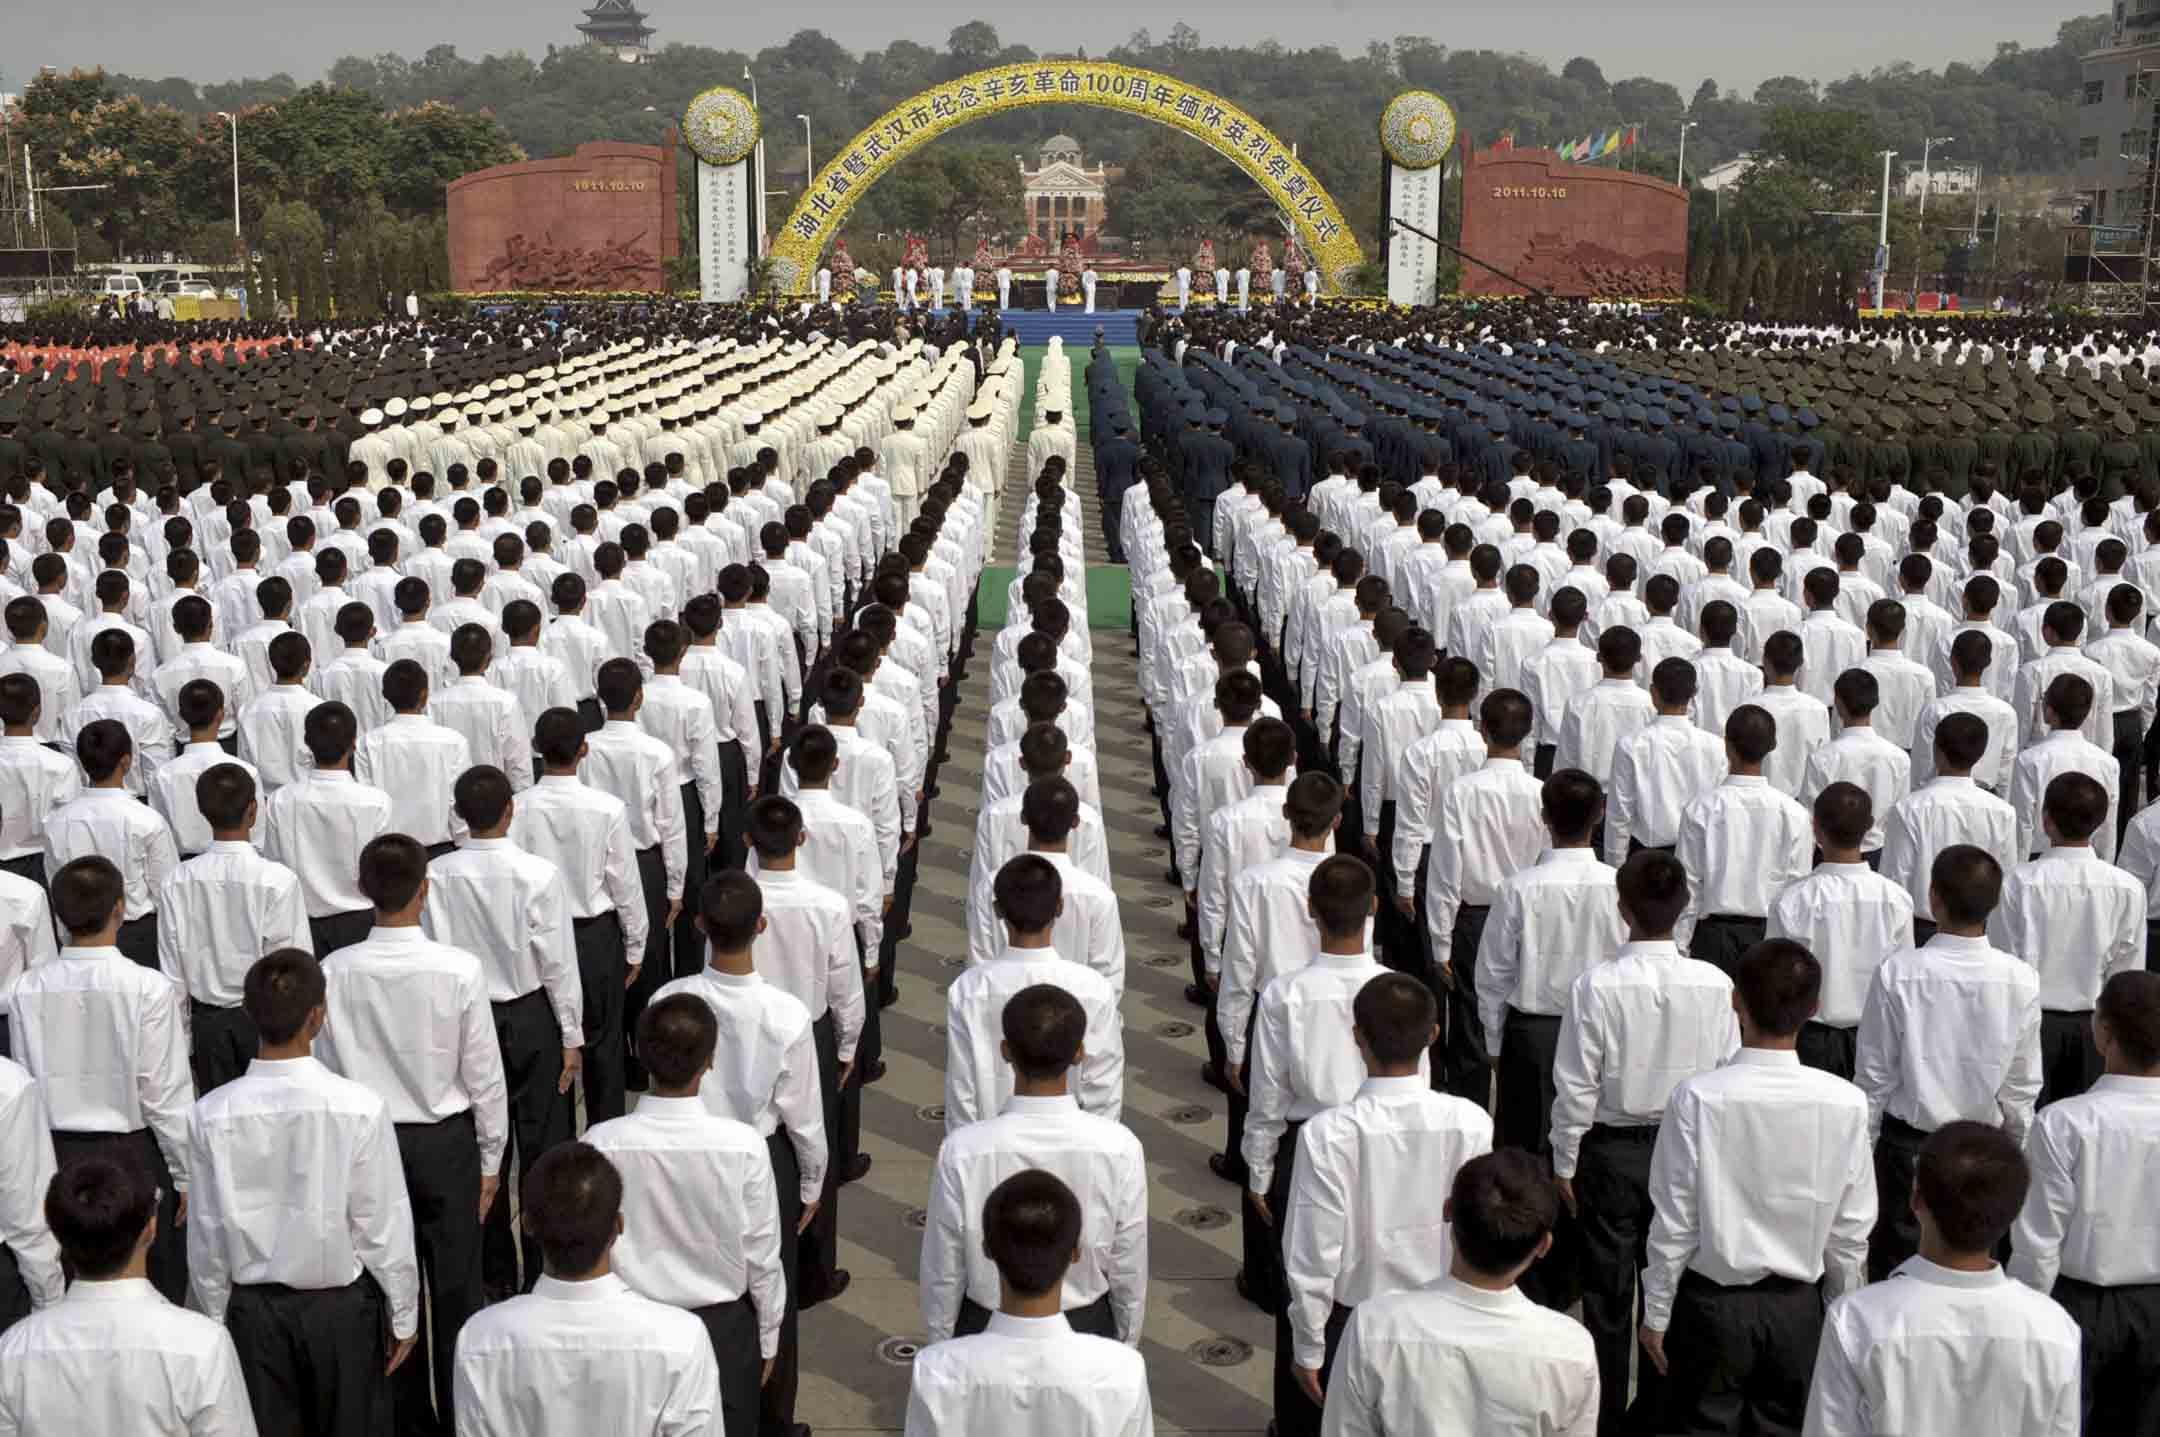 2011年10月10日,武漢市的武昌起義廣場舉行紀念武昌起義100週年的儀式。 攝: China Photos/Getty Images